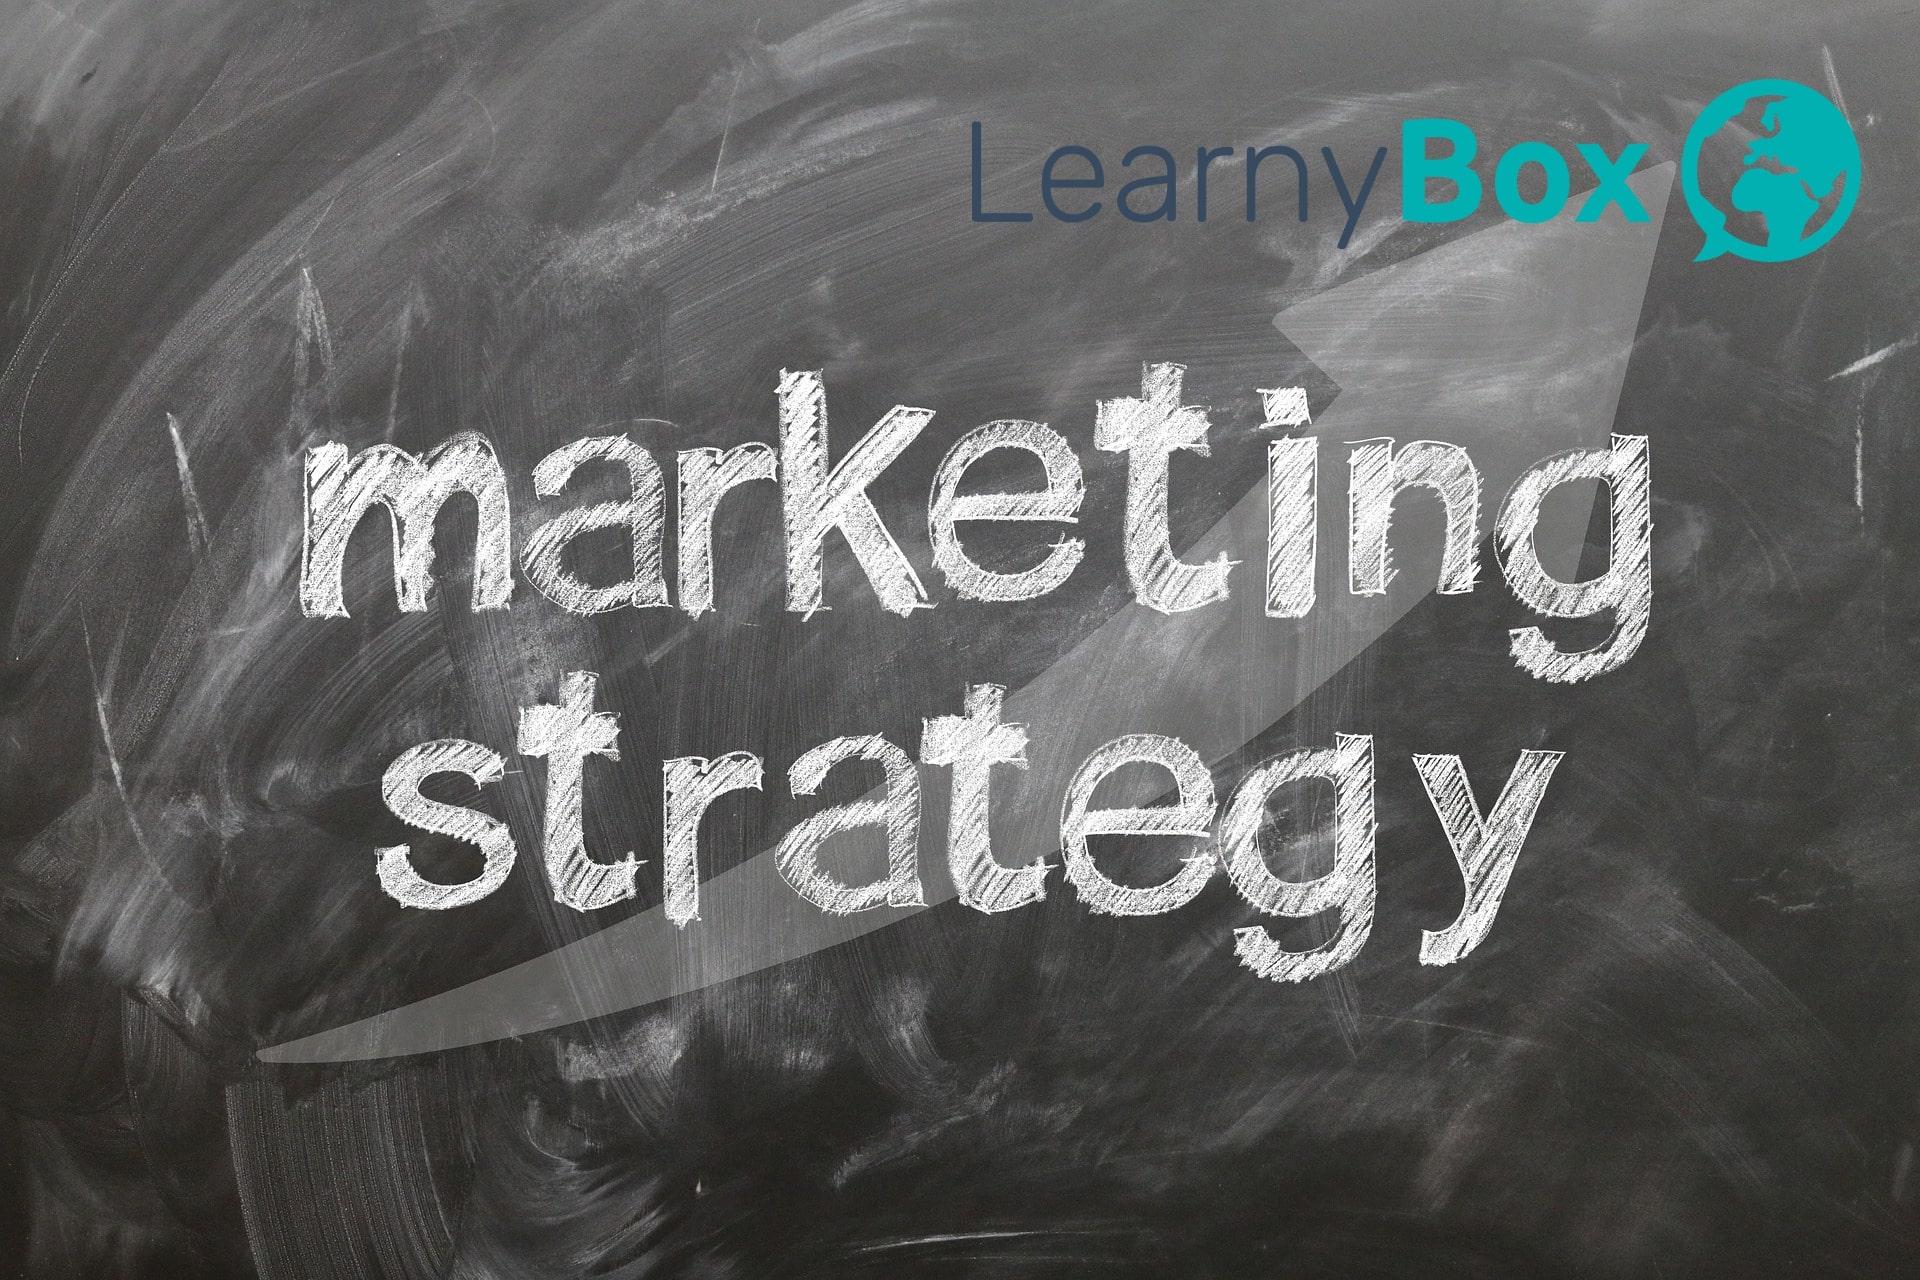 Comment faire décoller son business grâce à la stratégie de l'Inbound marketing ?